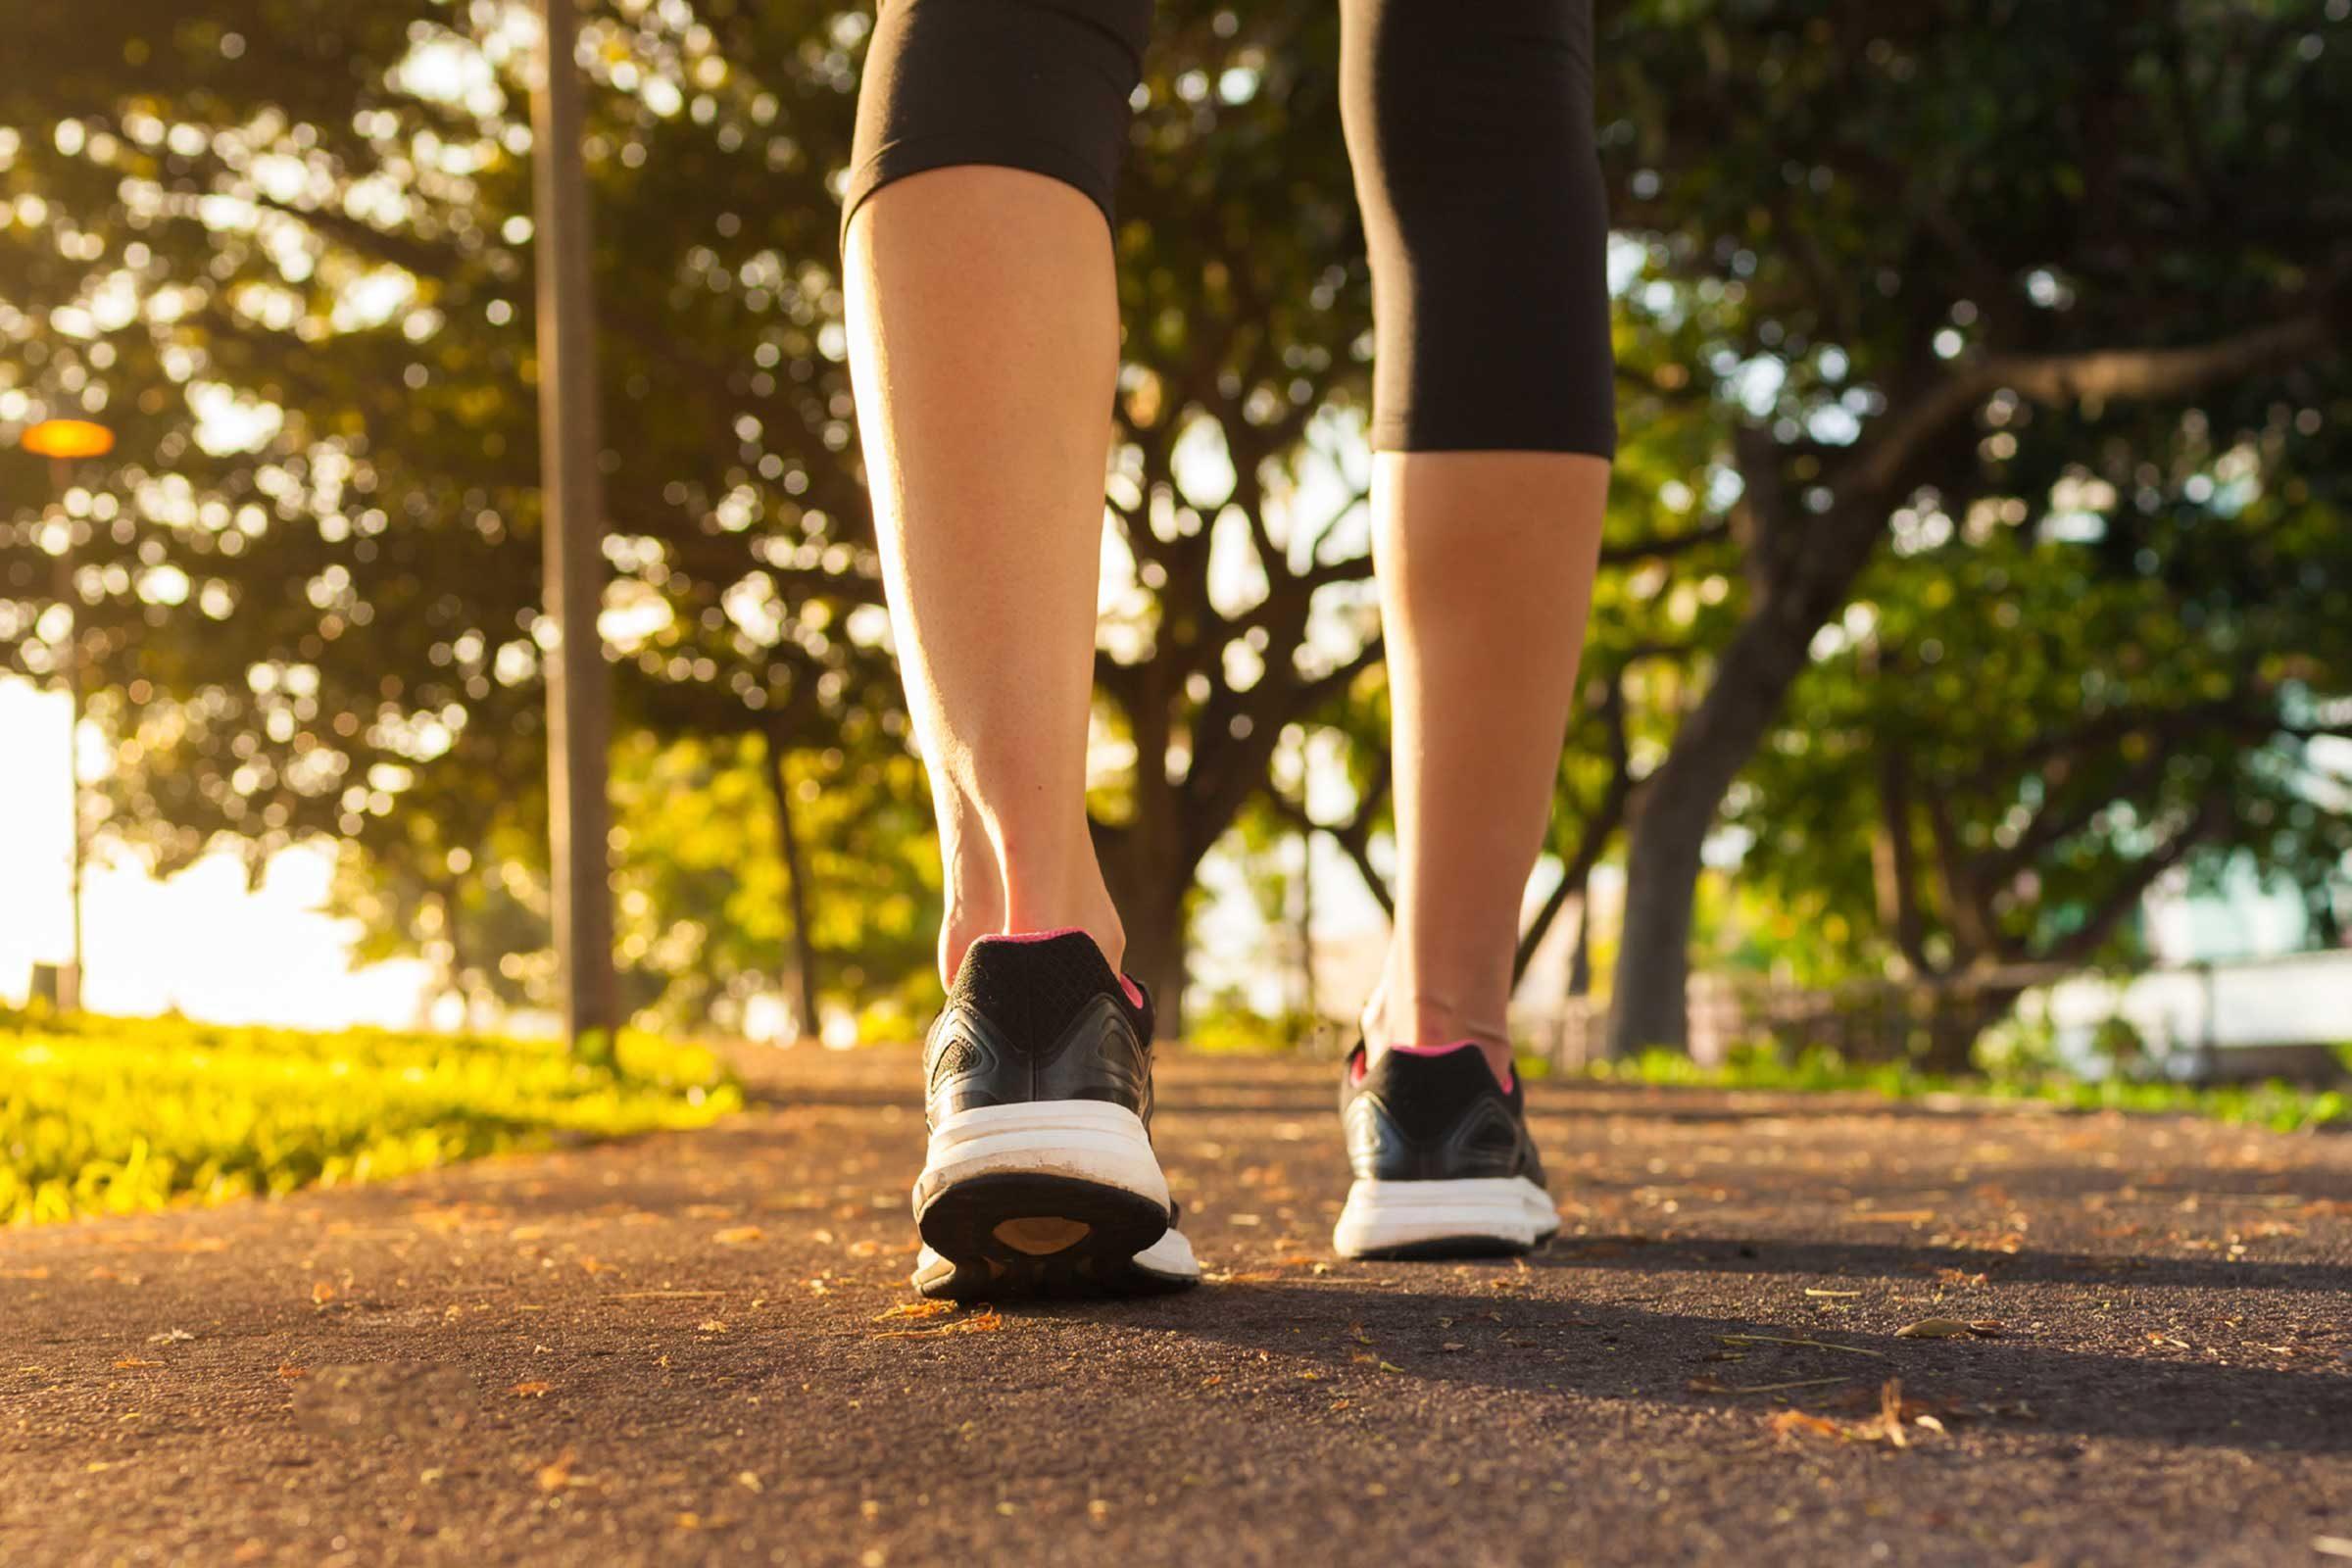 Secret du corps: la marche aide à se sentir de meilleure humeur